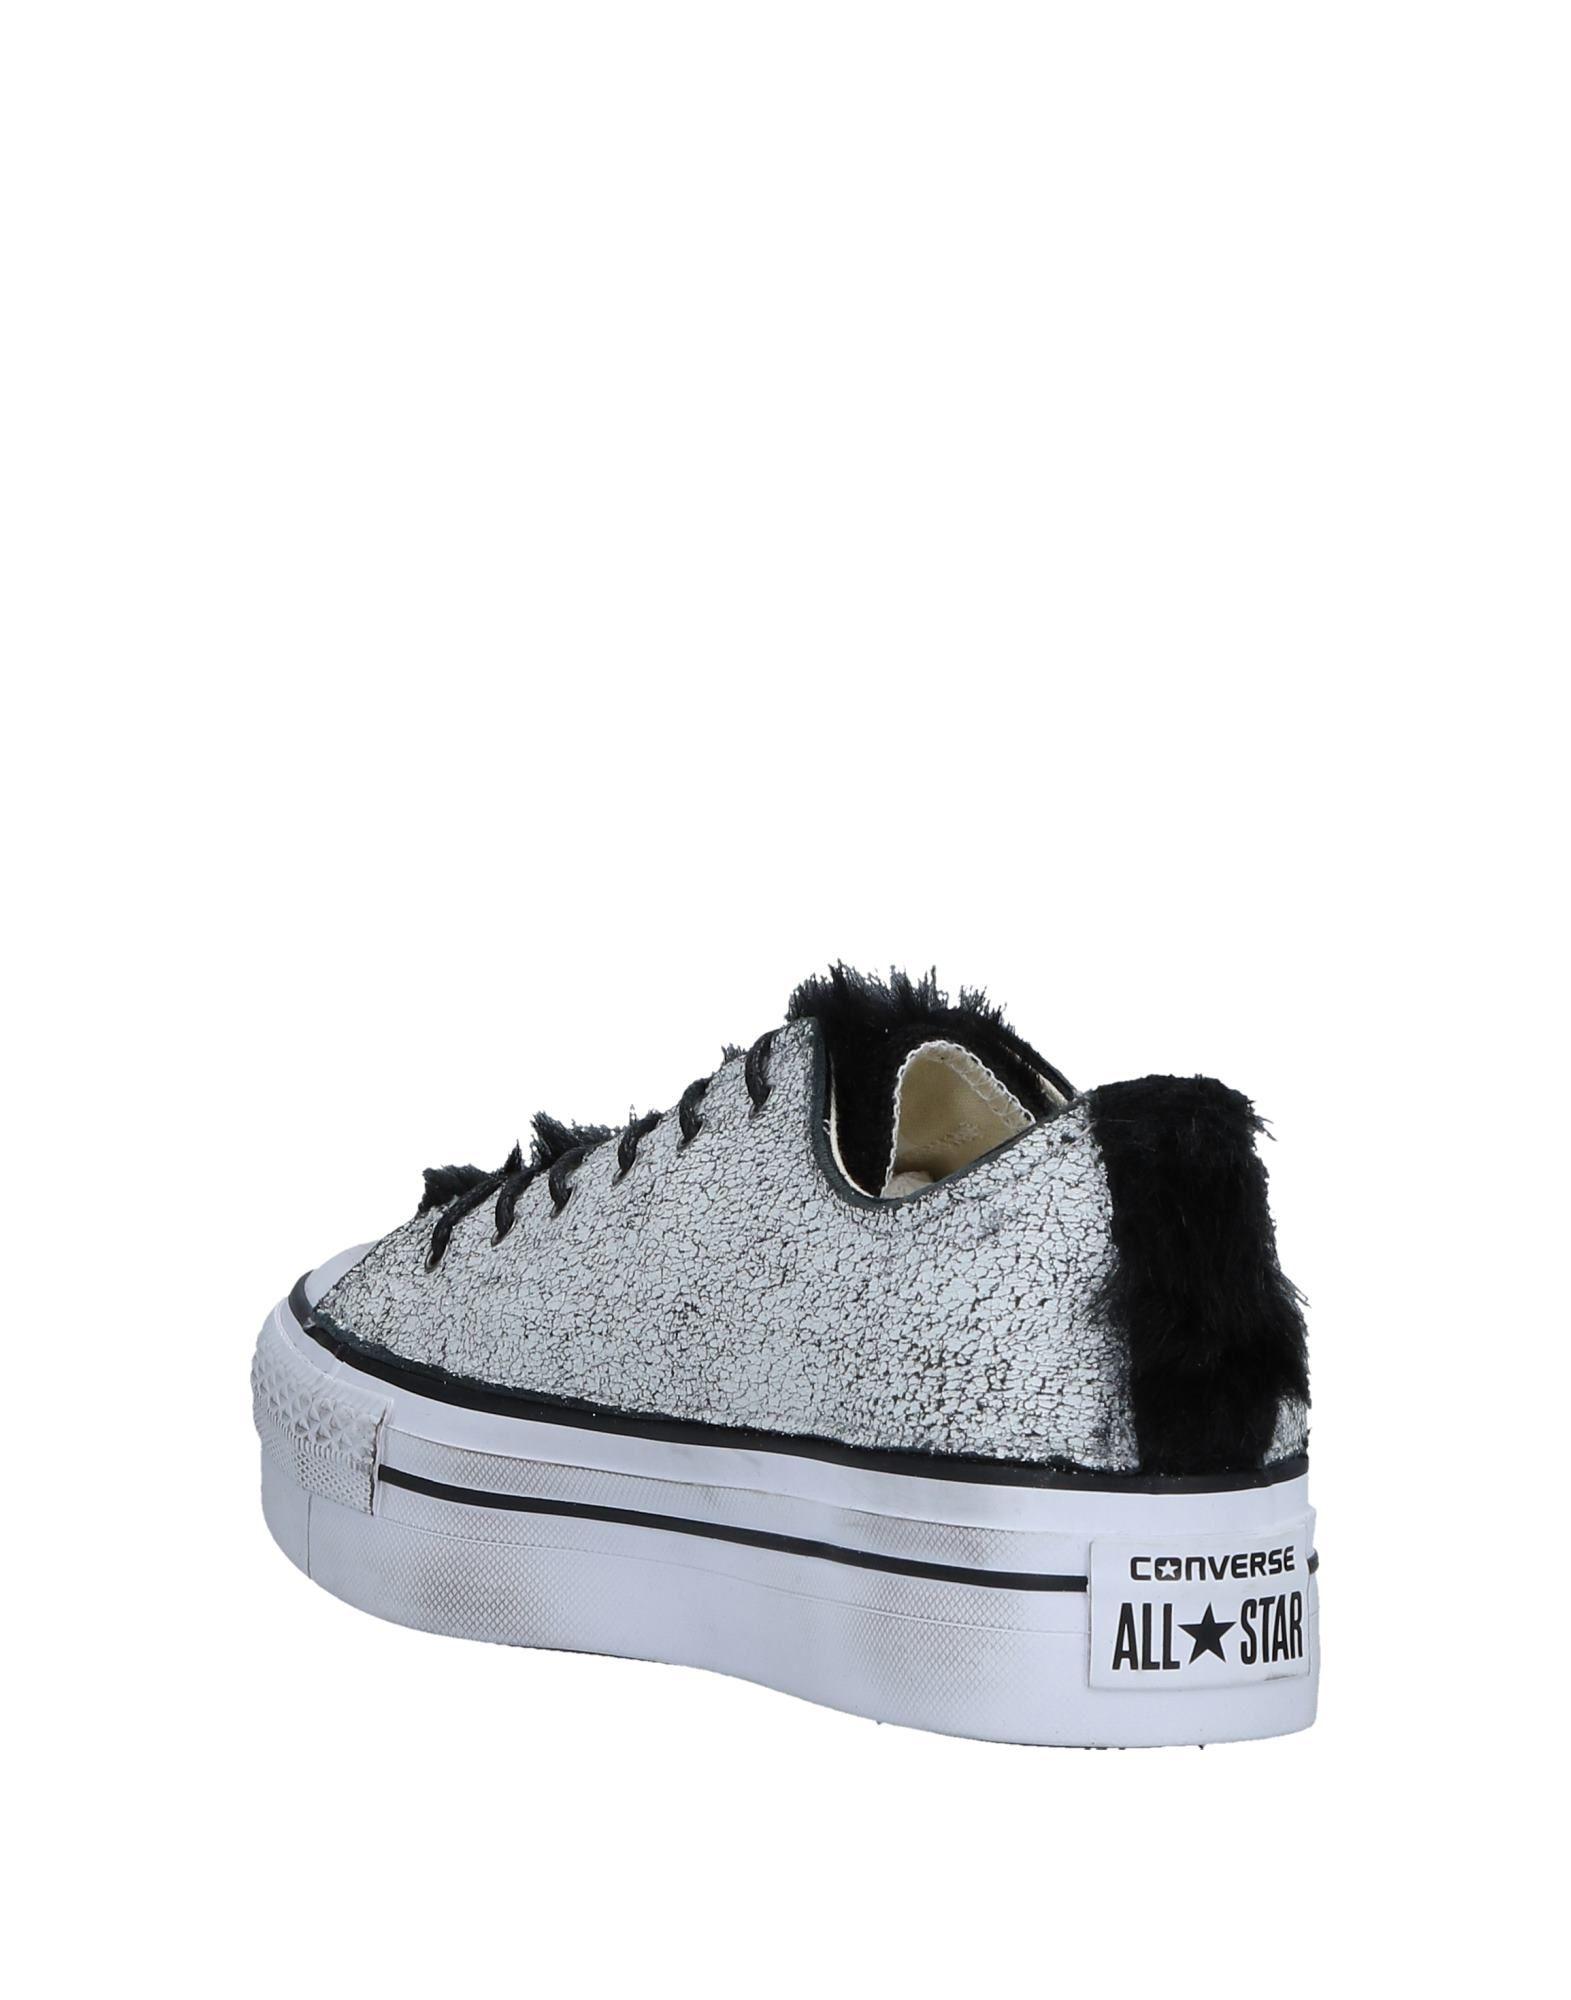 Converse Gute Sneakers Damen  11535181HJ Gute Converse Qualität beliebte Schuhe 544789